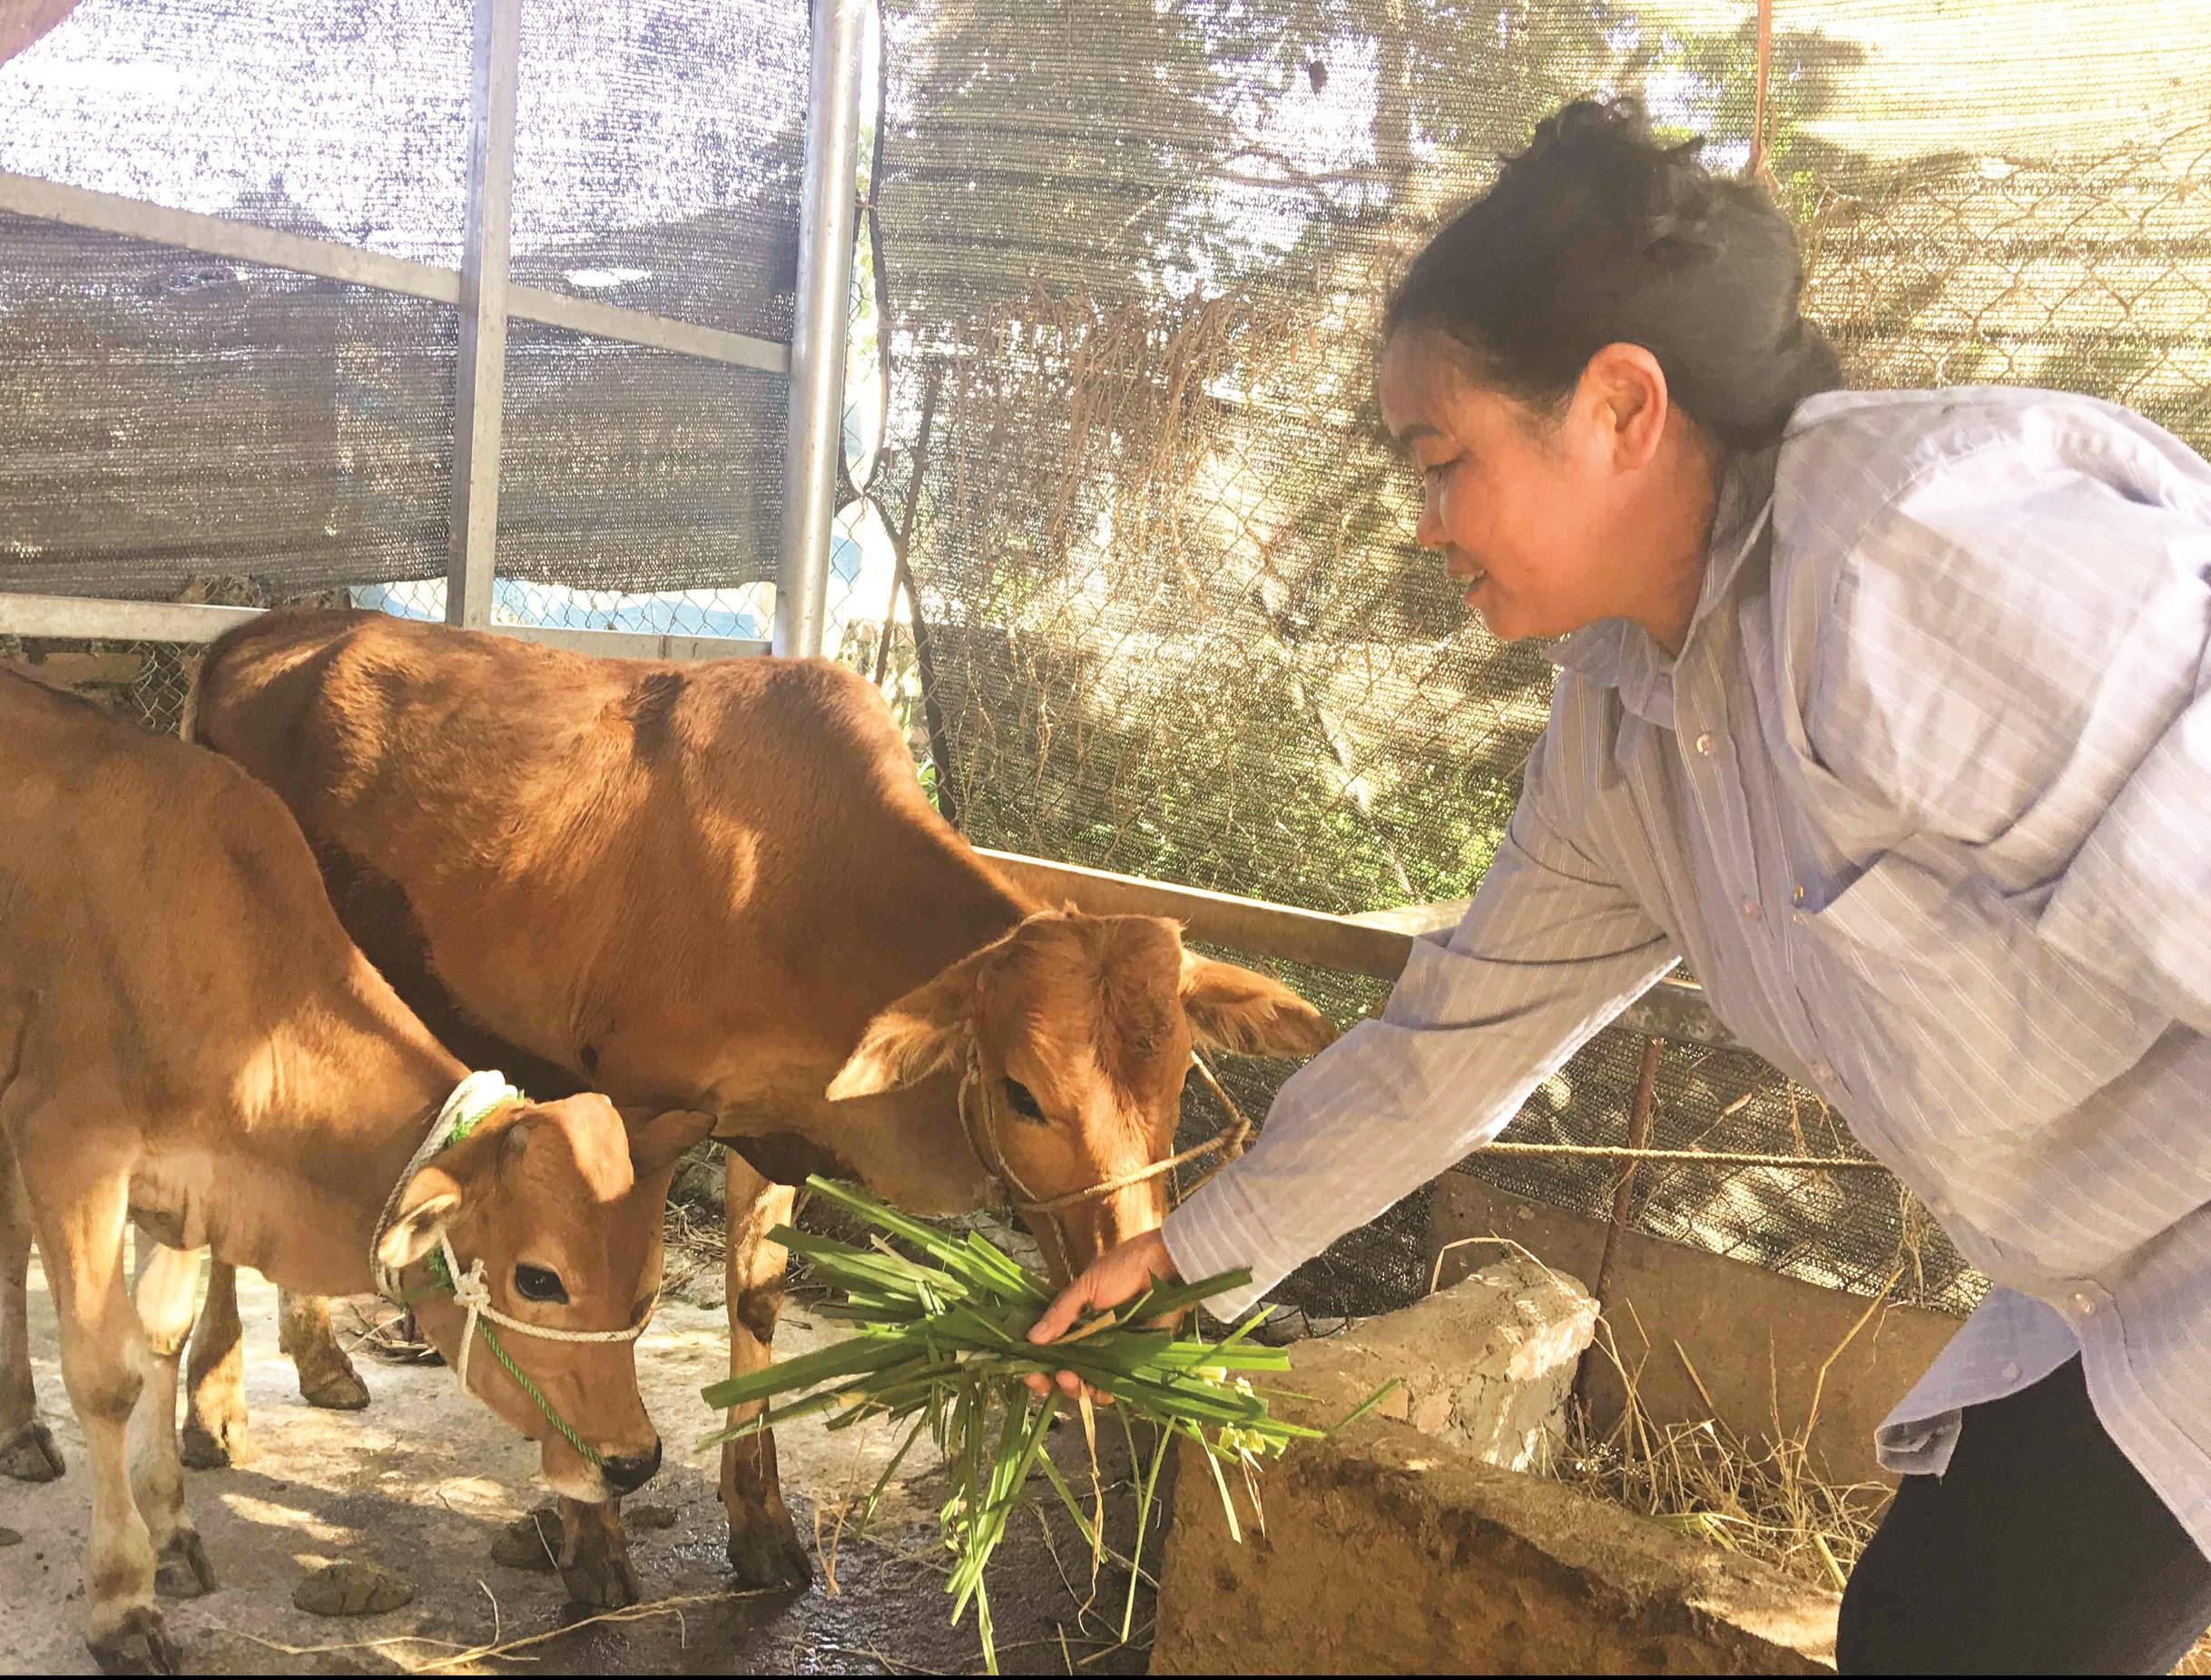 Mô hình phát triển chăn nuôi bò theo nhóm phát huy hiệu quả thiết thực tại nhiều xã vùng cao huyện Mường Chà (Điện Biên).